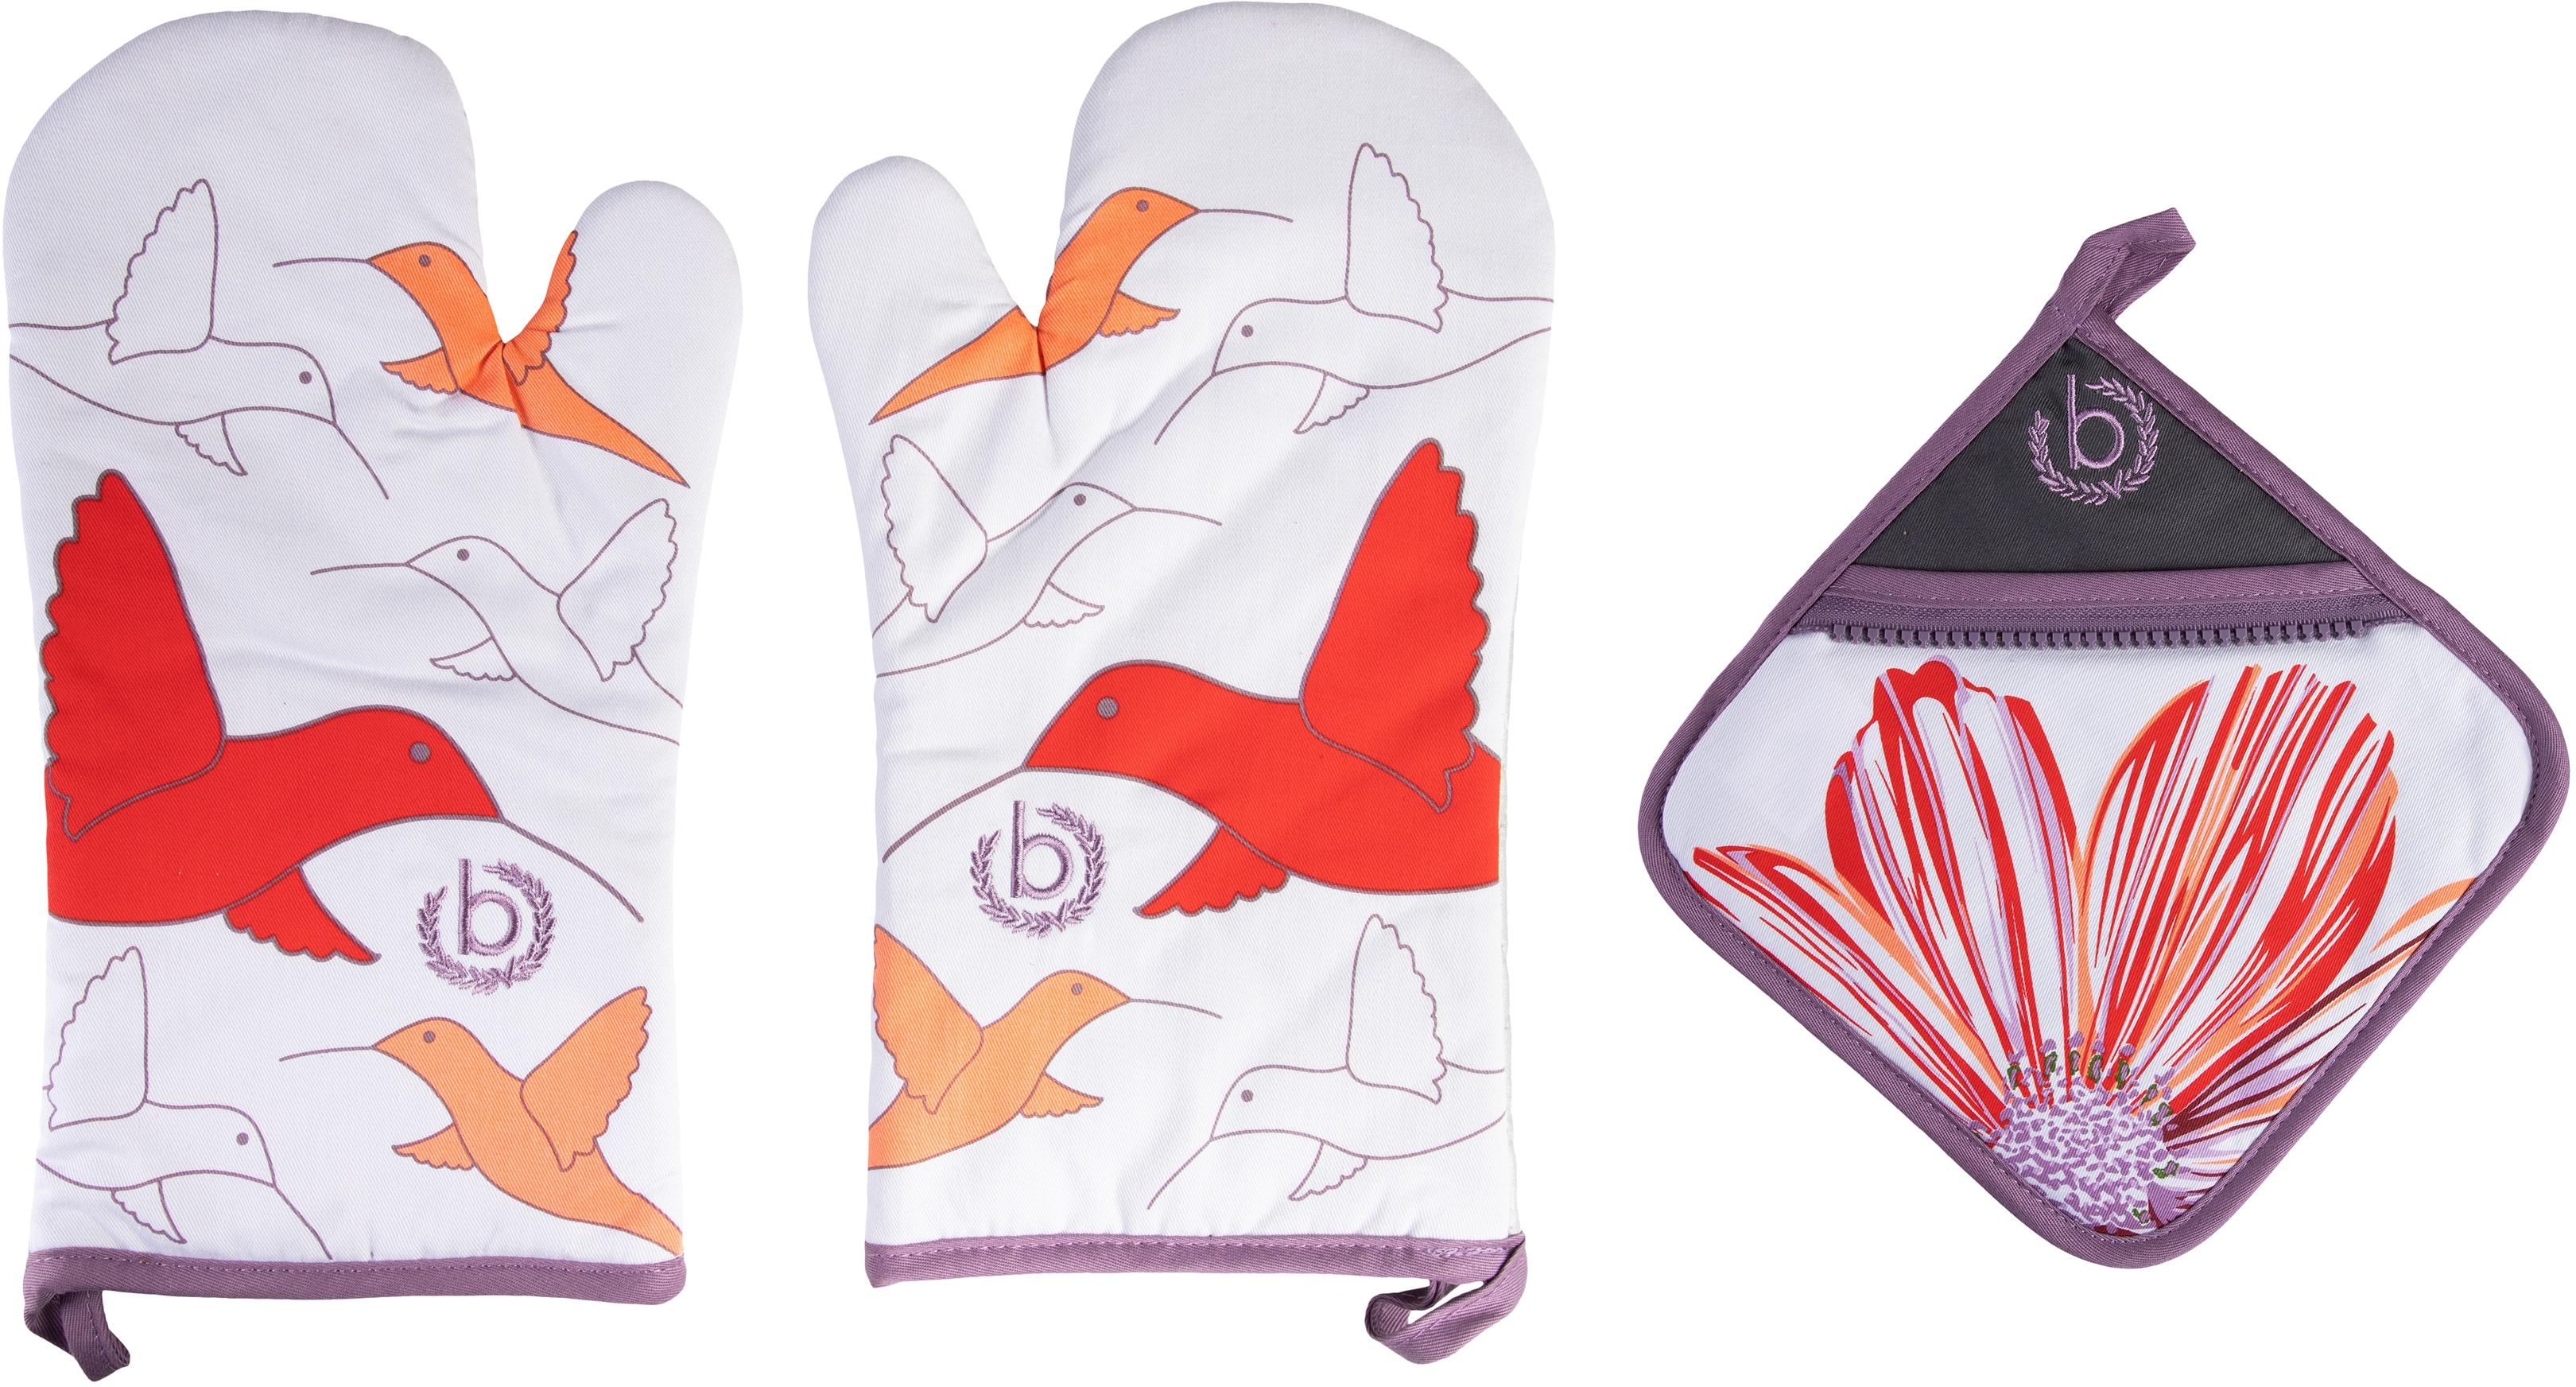 bugatti Topfhandschuhe Zip & Surprise, (Set, 3 tlg., bestehend aus 2x Ofenhandschuh, 1x Topflappen) lila Topflappen und Topfhandschuh Kochen Backen Haushaltswaren